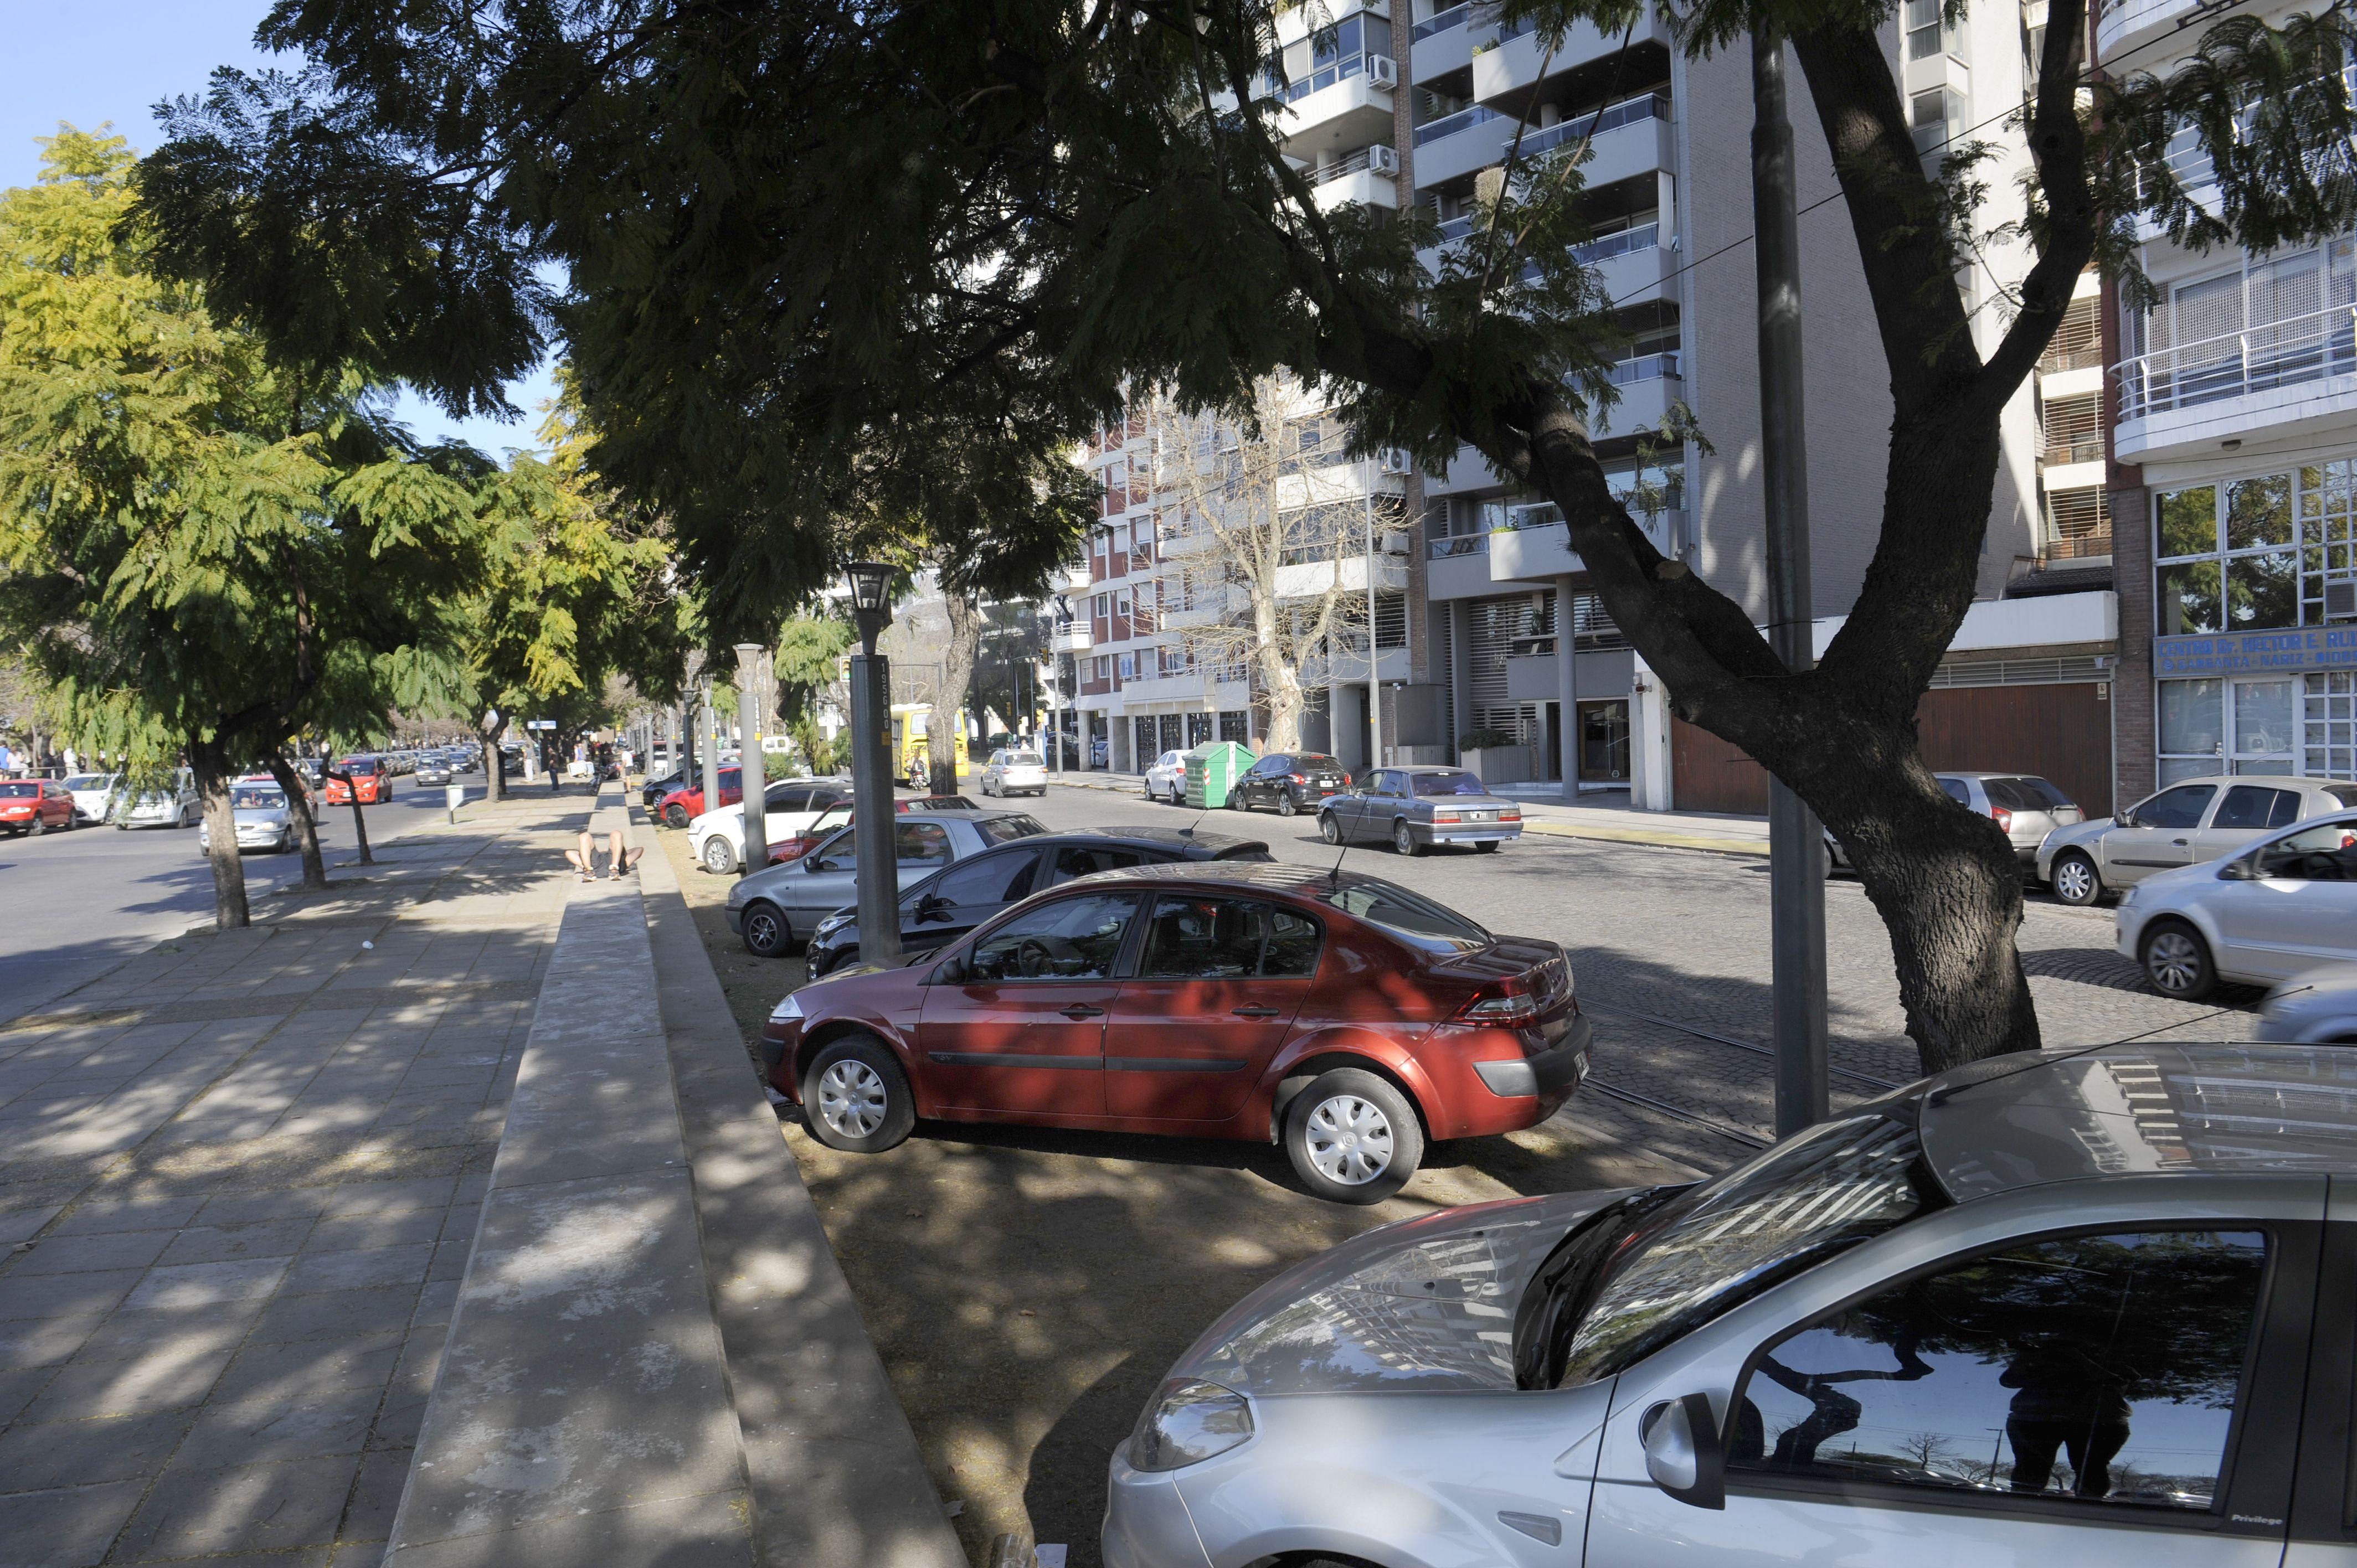 prohibido. La naturalización de poner los autos en espacios para peatones.